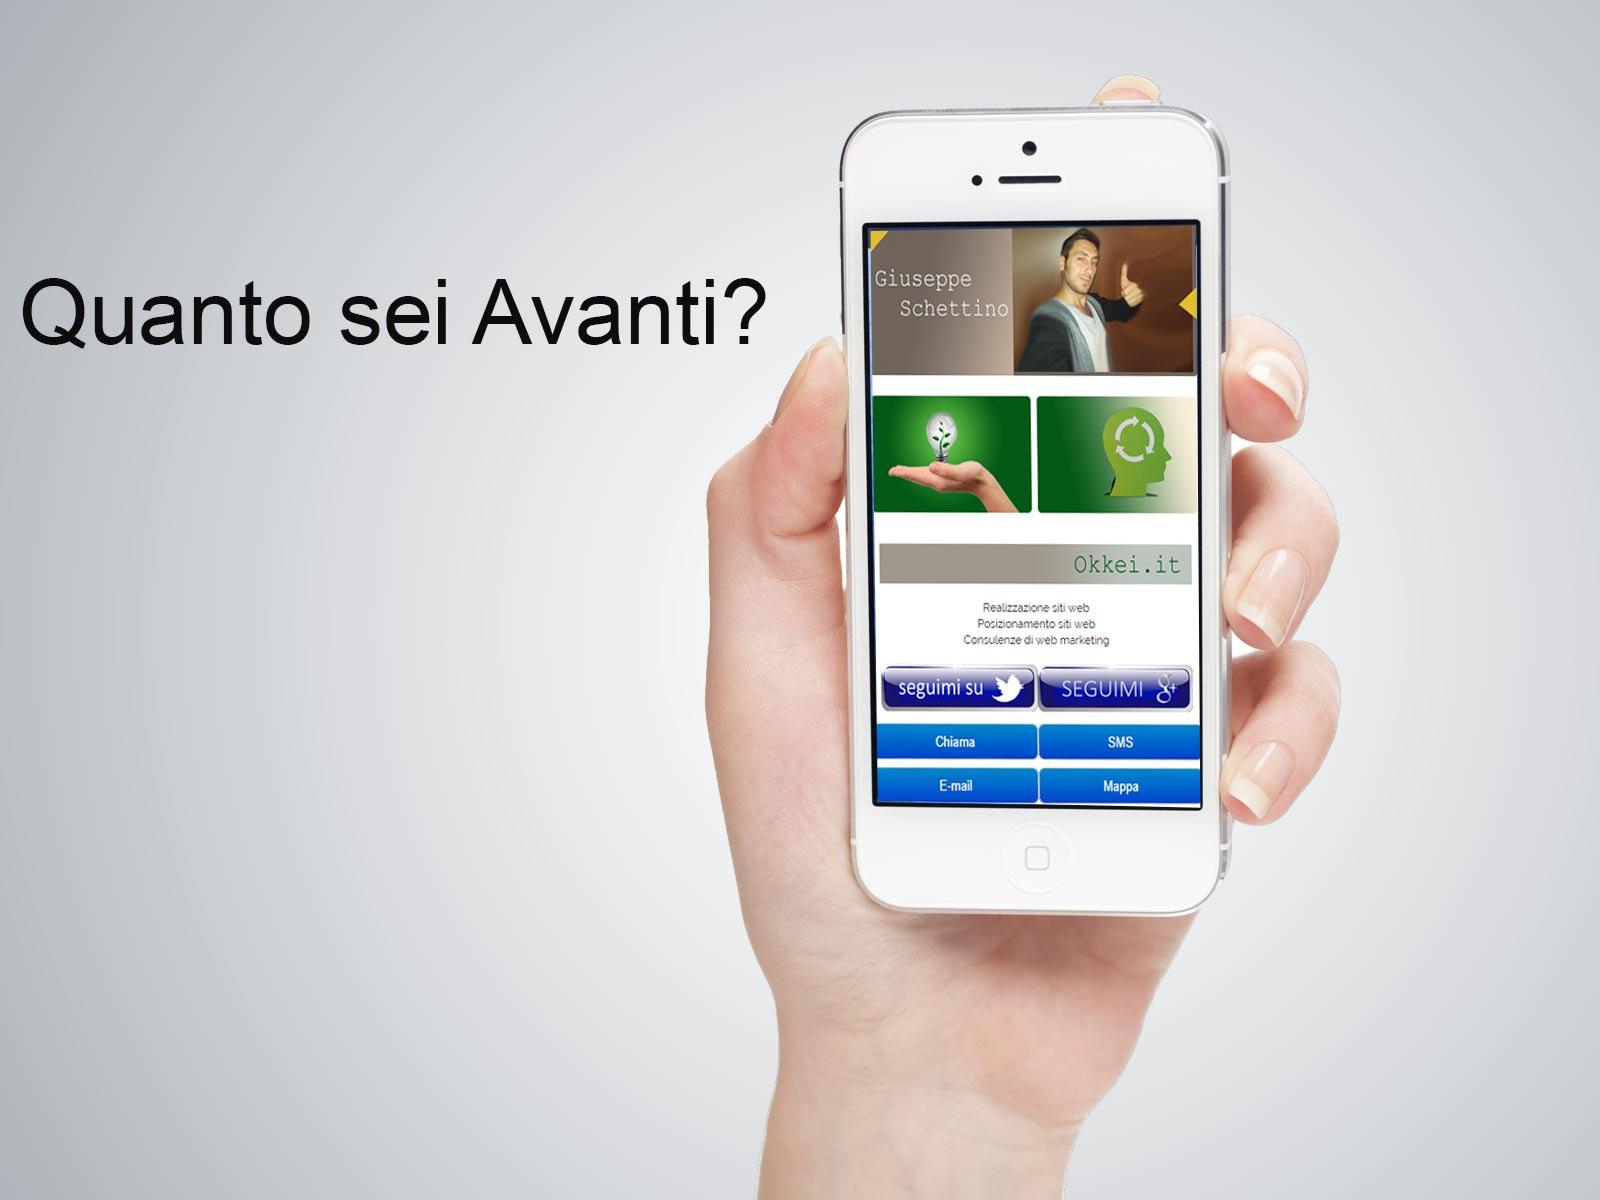 Strumenti di mobile marketing 4 strumenti gratuiti